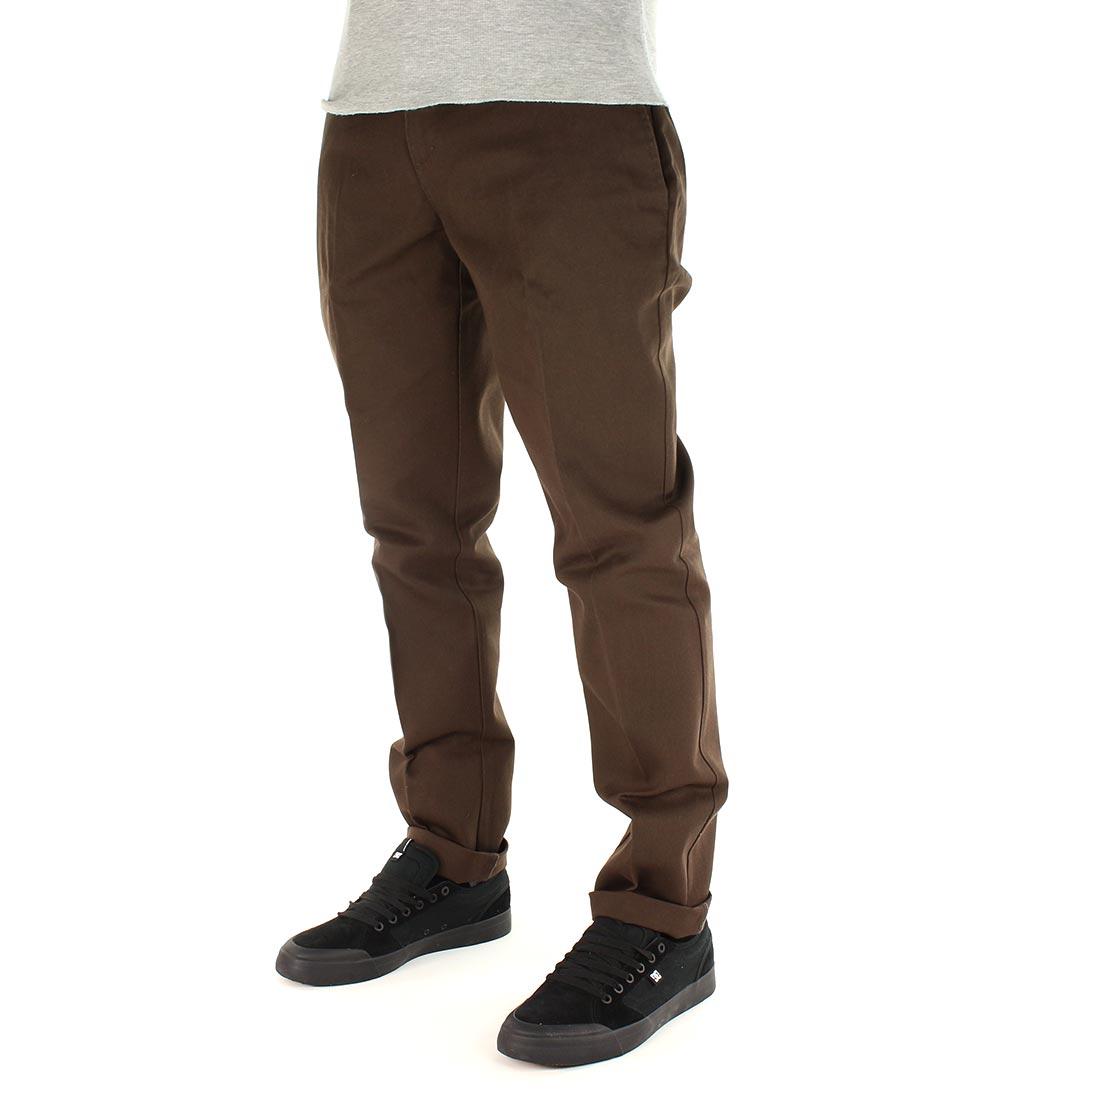 Dickies 872 Slim Fit Work Pant - Chocolate Brown